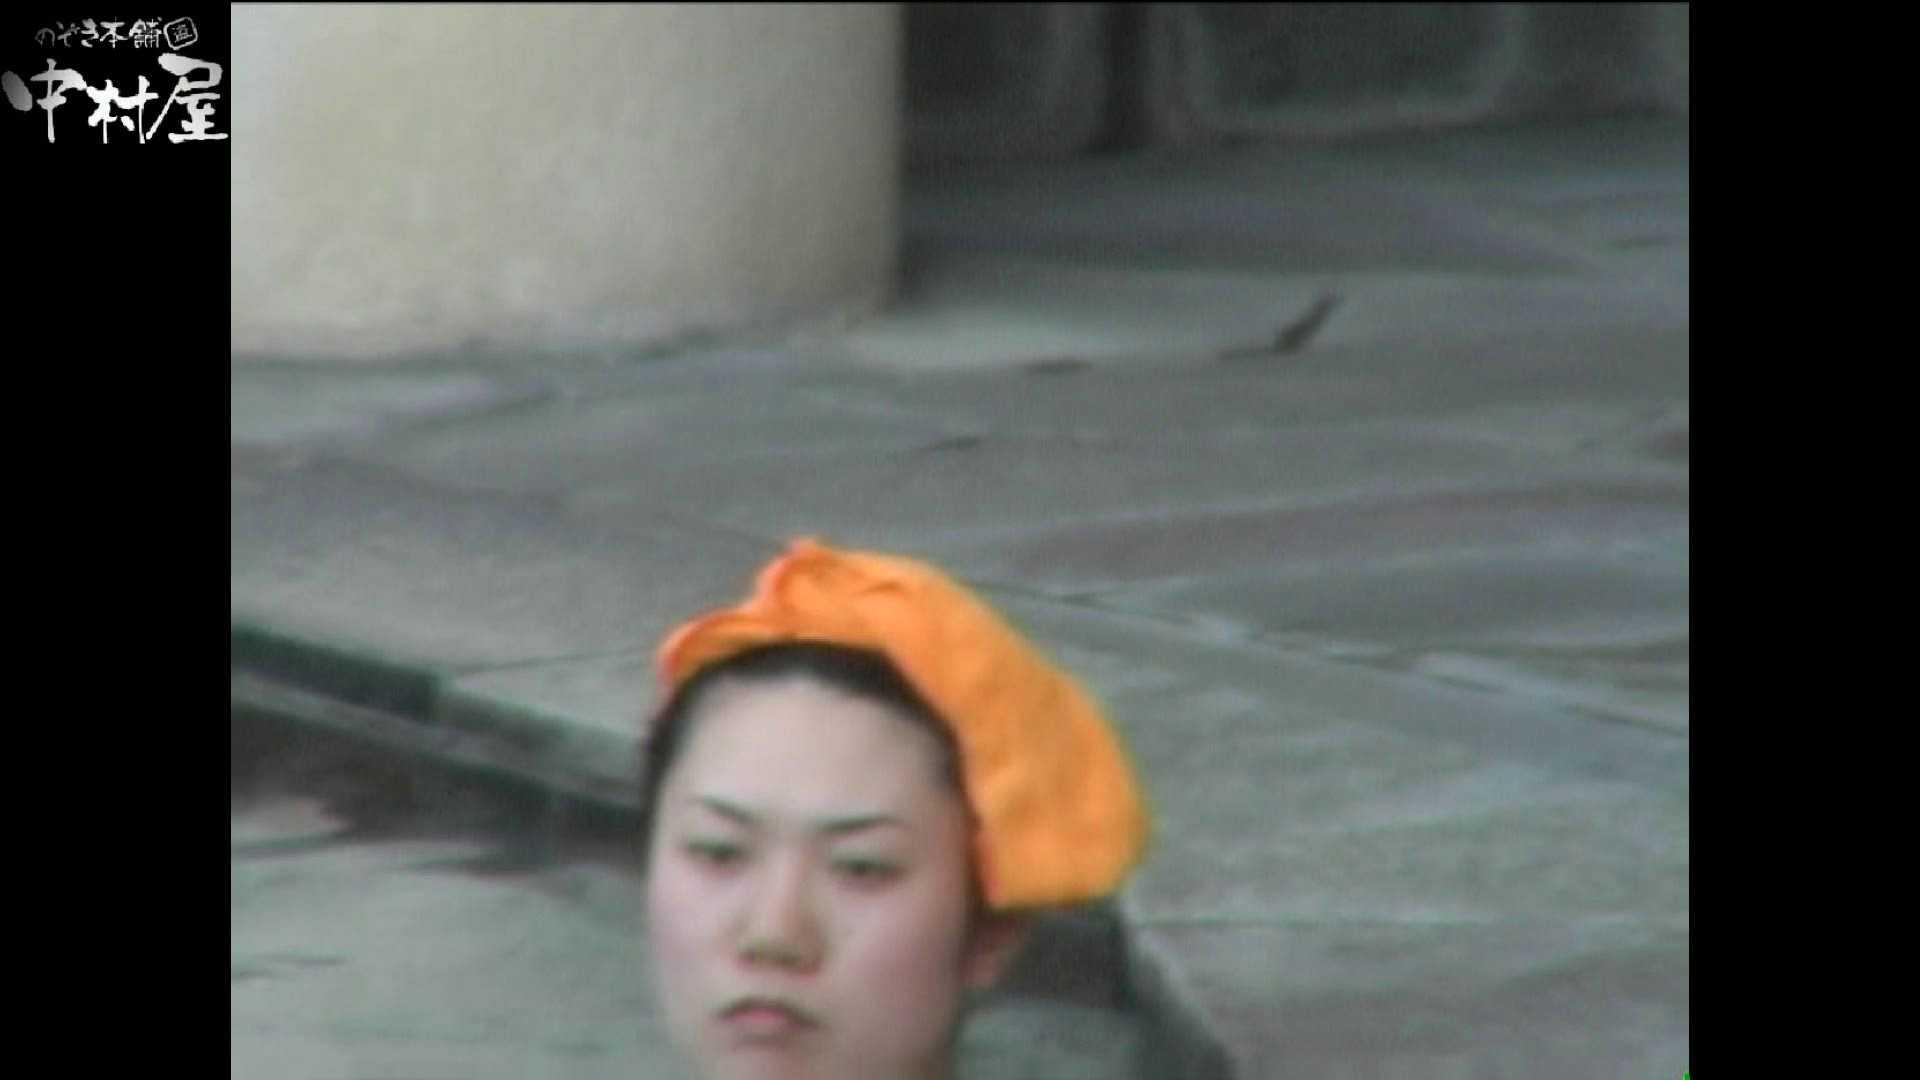 Aquaな露天風呂Vol.978 OLハメ撮り  57Pix 46